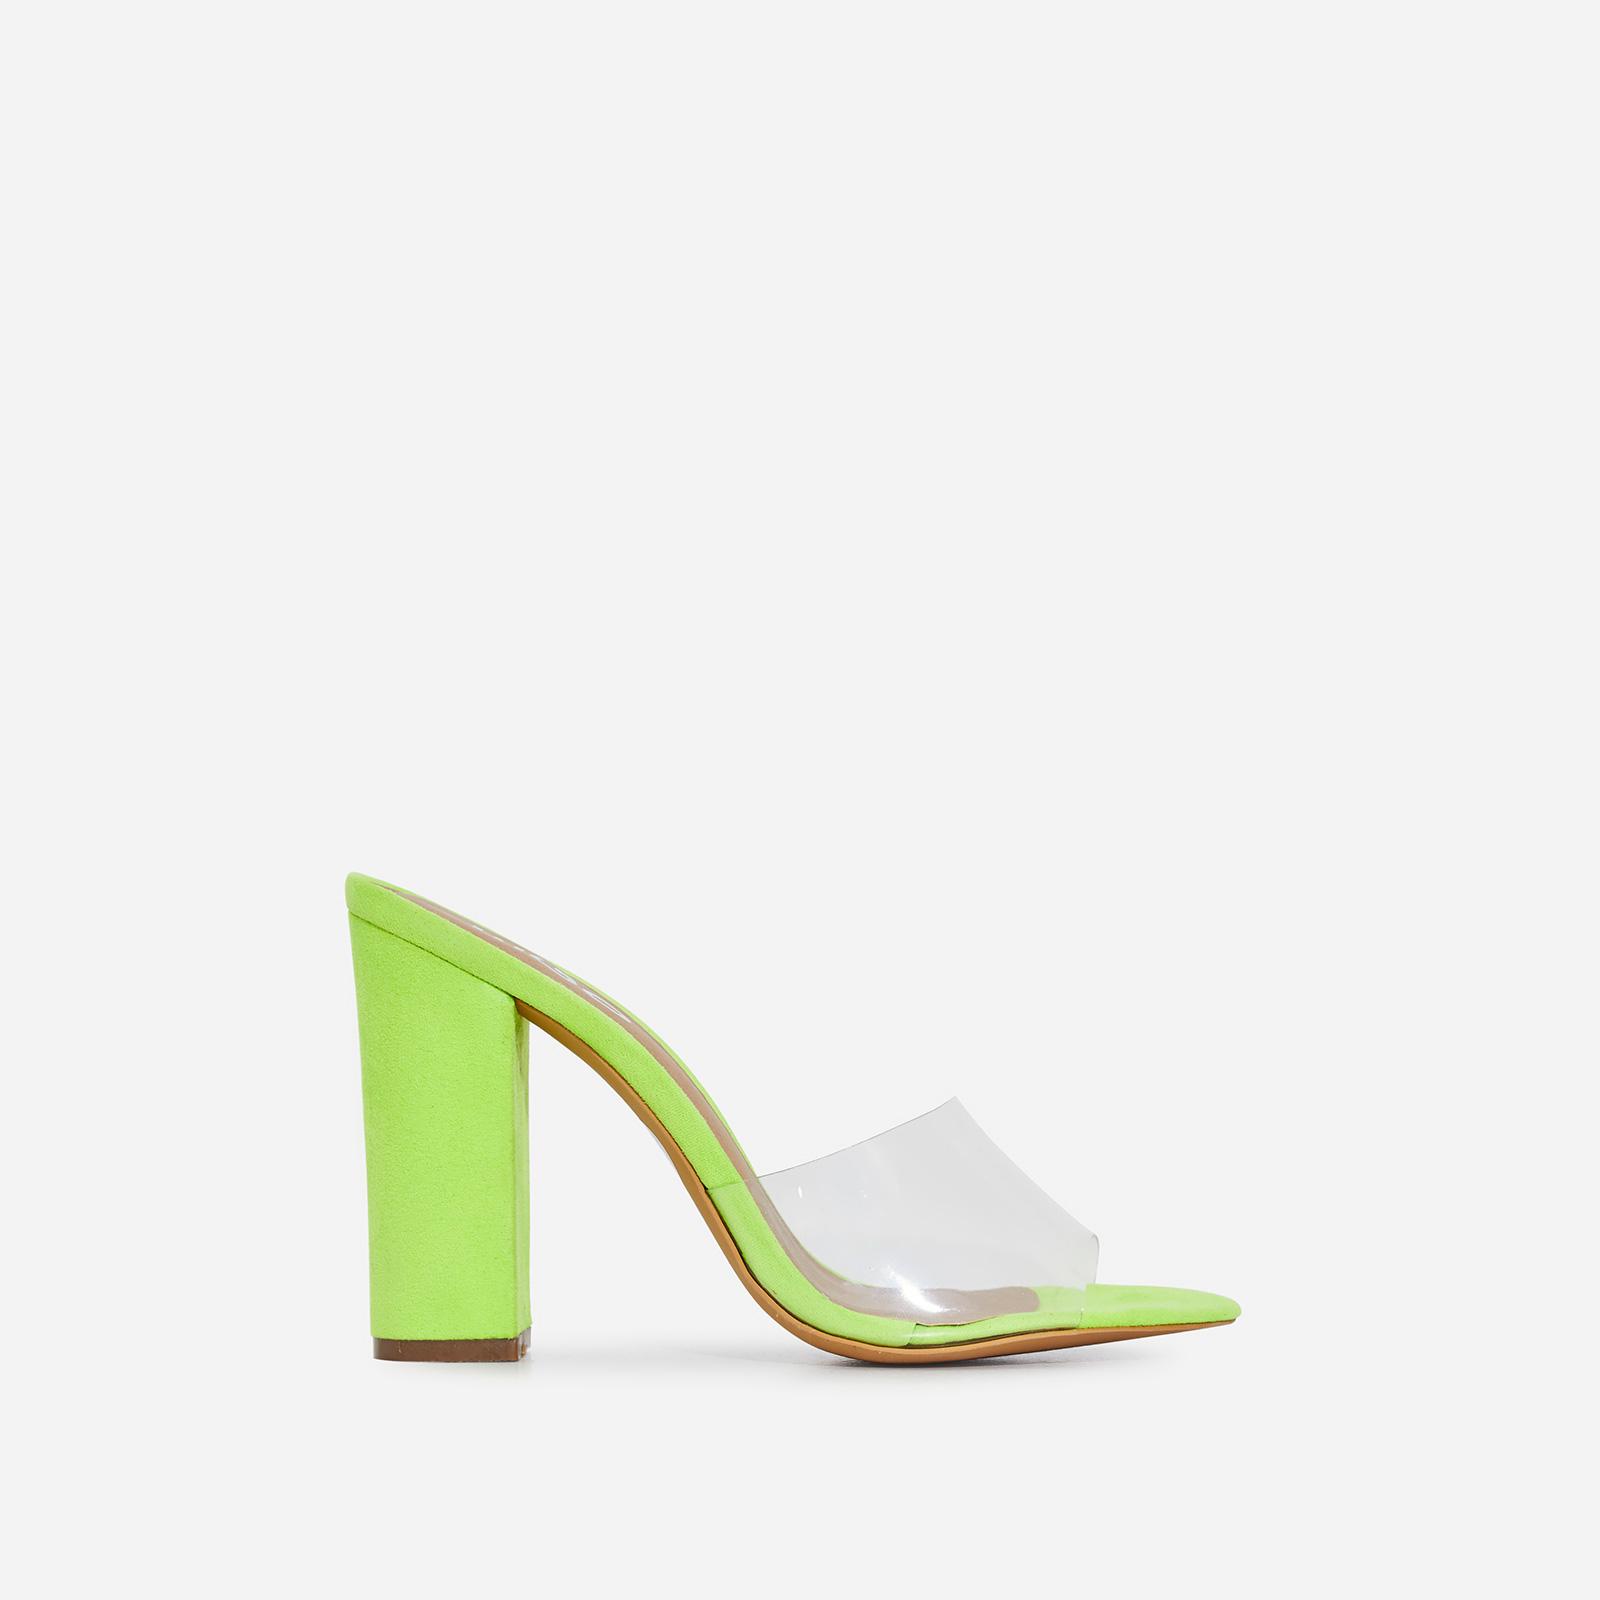 Kalia Peep Toe Perspex Block Heel In Lime Green Faux Suede